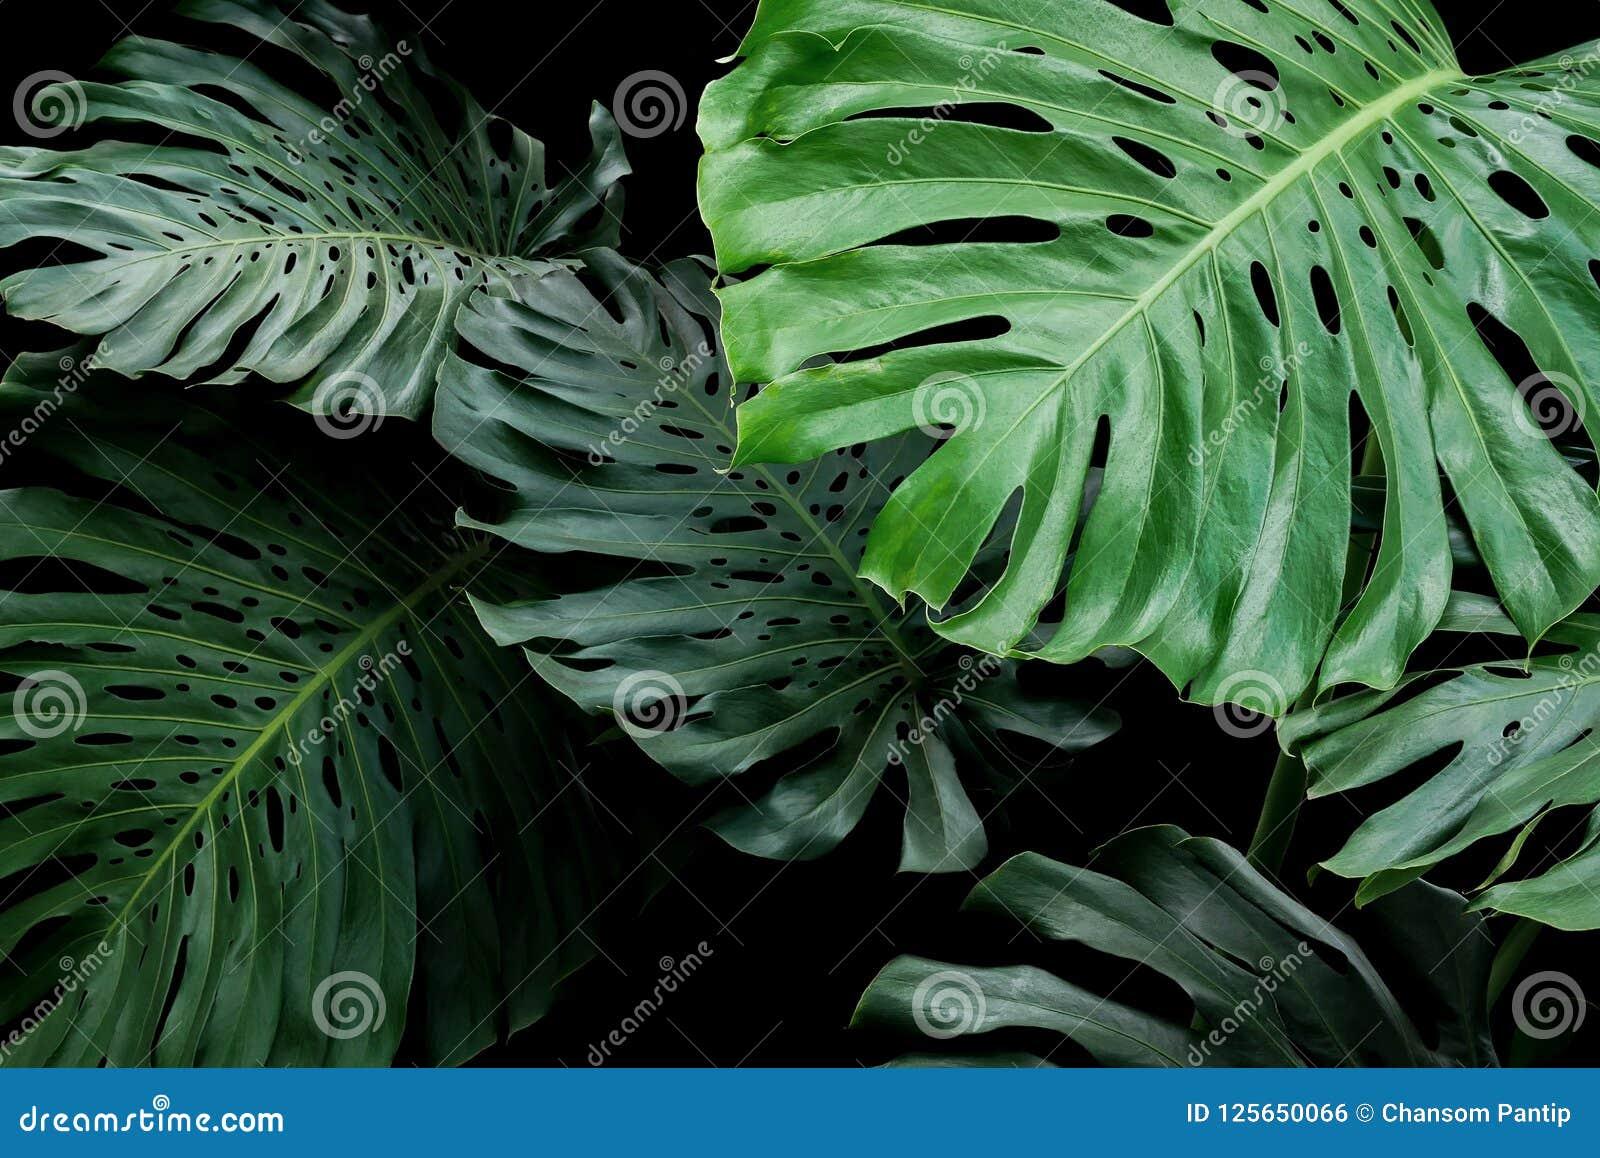 Цветочный узор тропических листьев экзотический филодендрона лист разделения